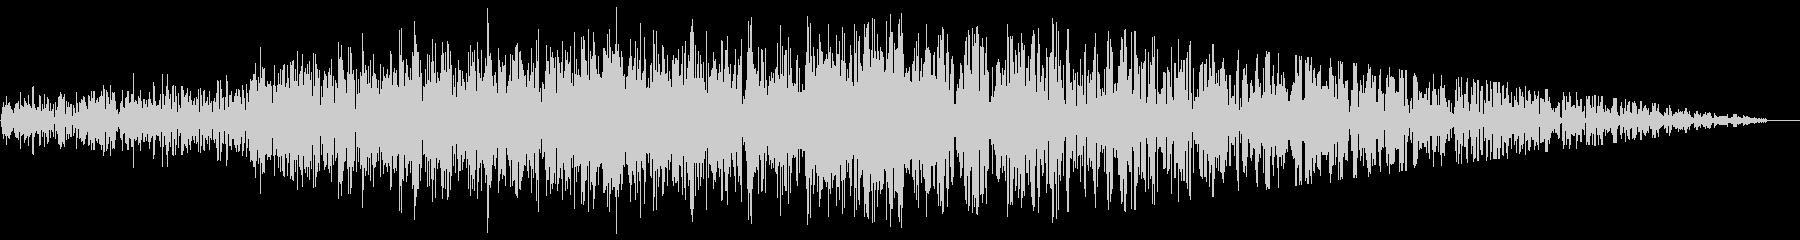 ジェット機通過(2音)の未再生の波形